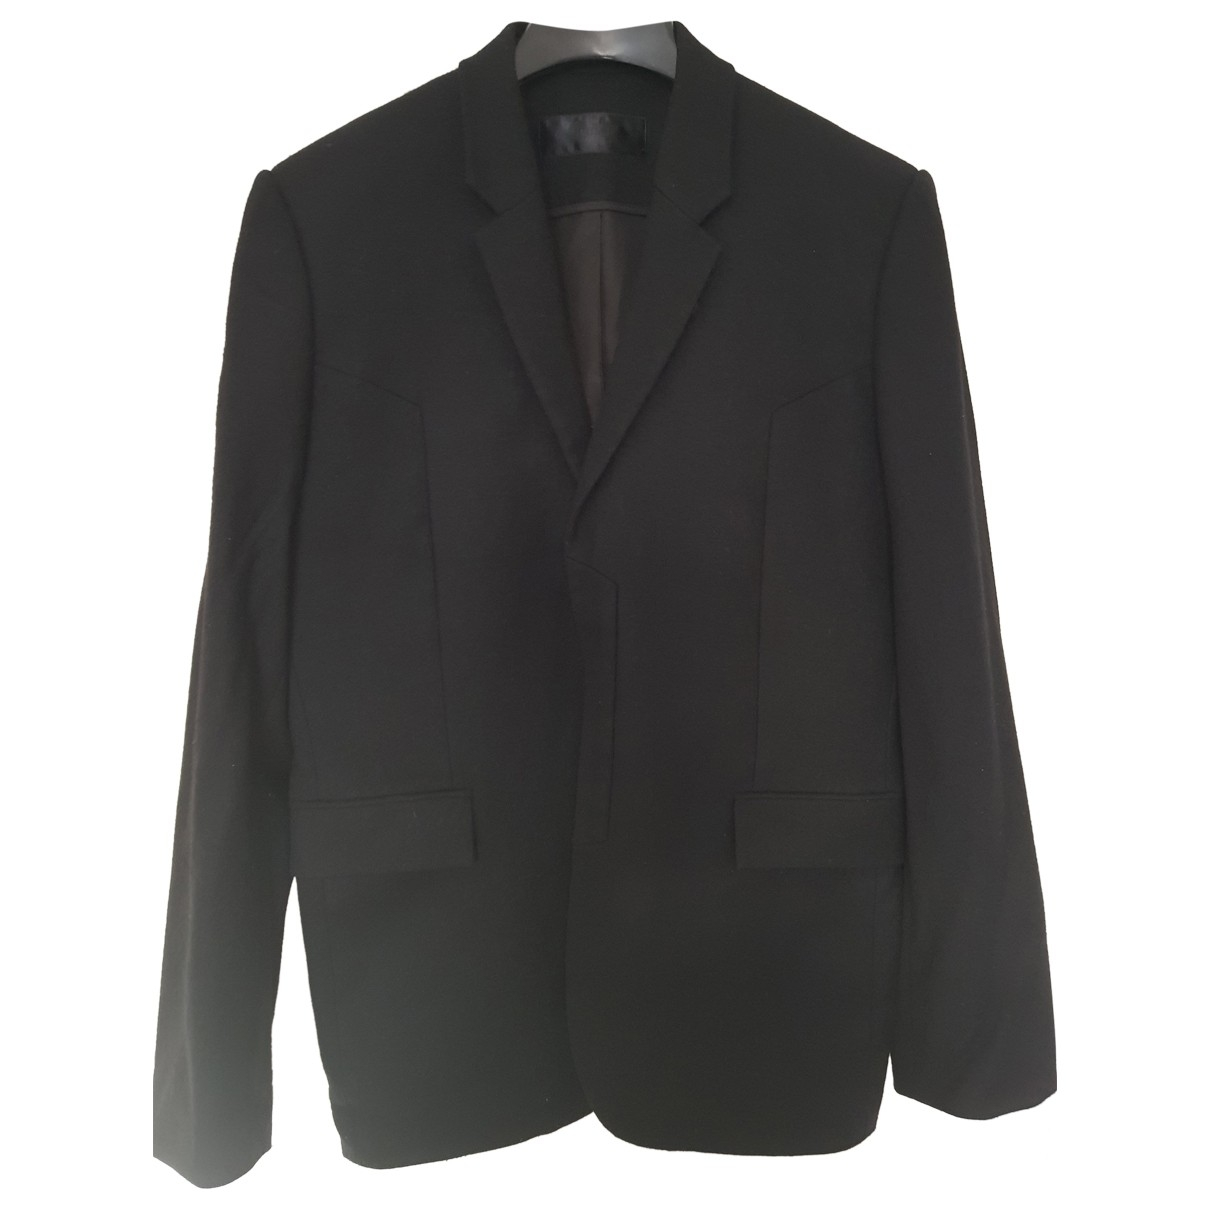 Juunj - Vestes.Blousons   pour homme en laine - noir